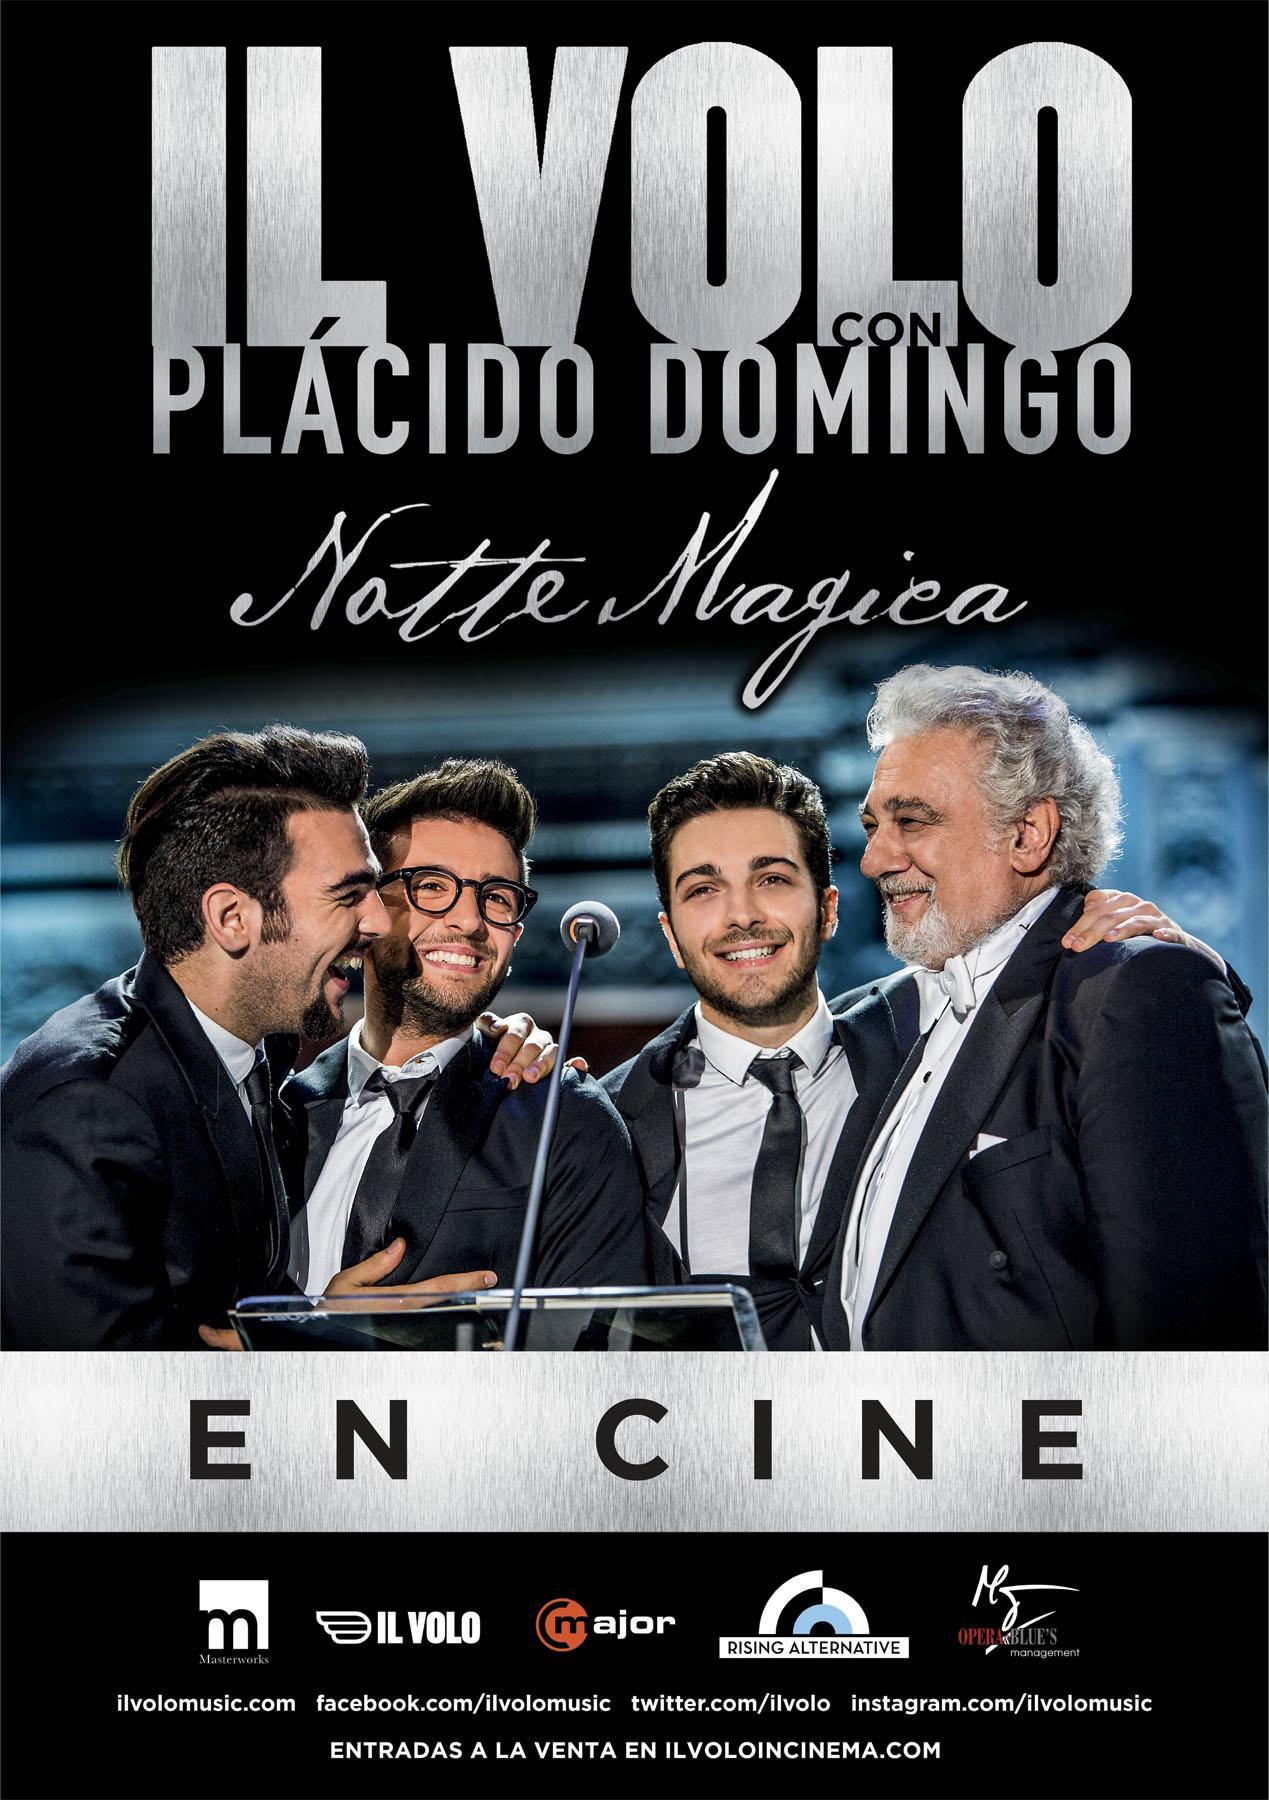 """IL VOLO con Plácido Domingo: """"Notte Magica"""" en cines"""